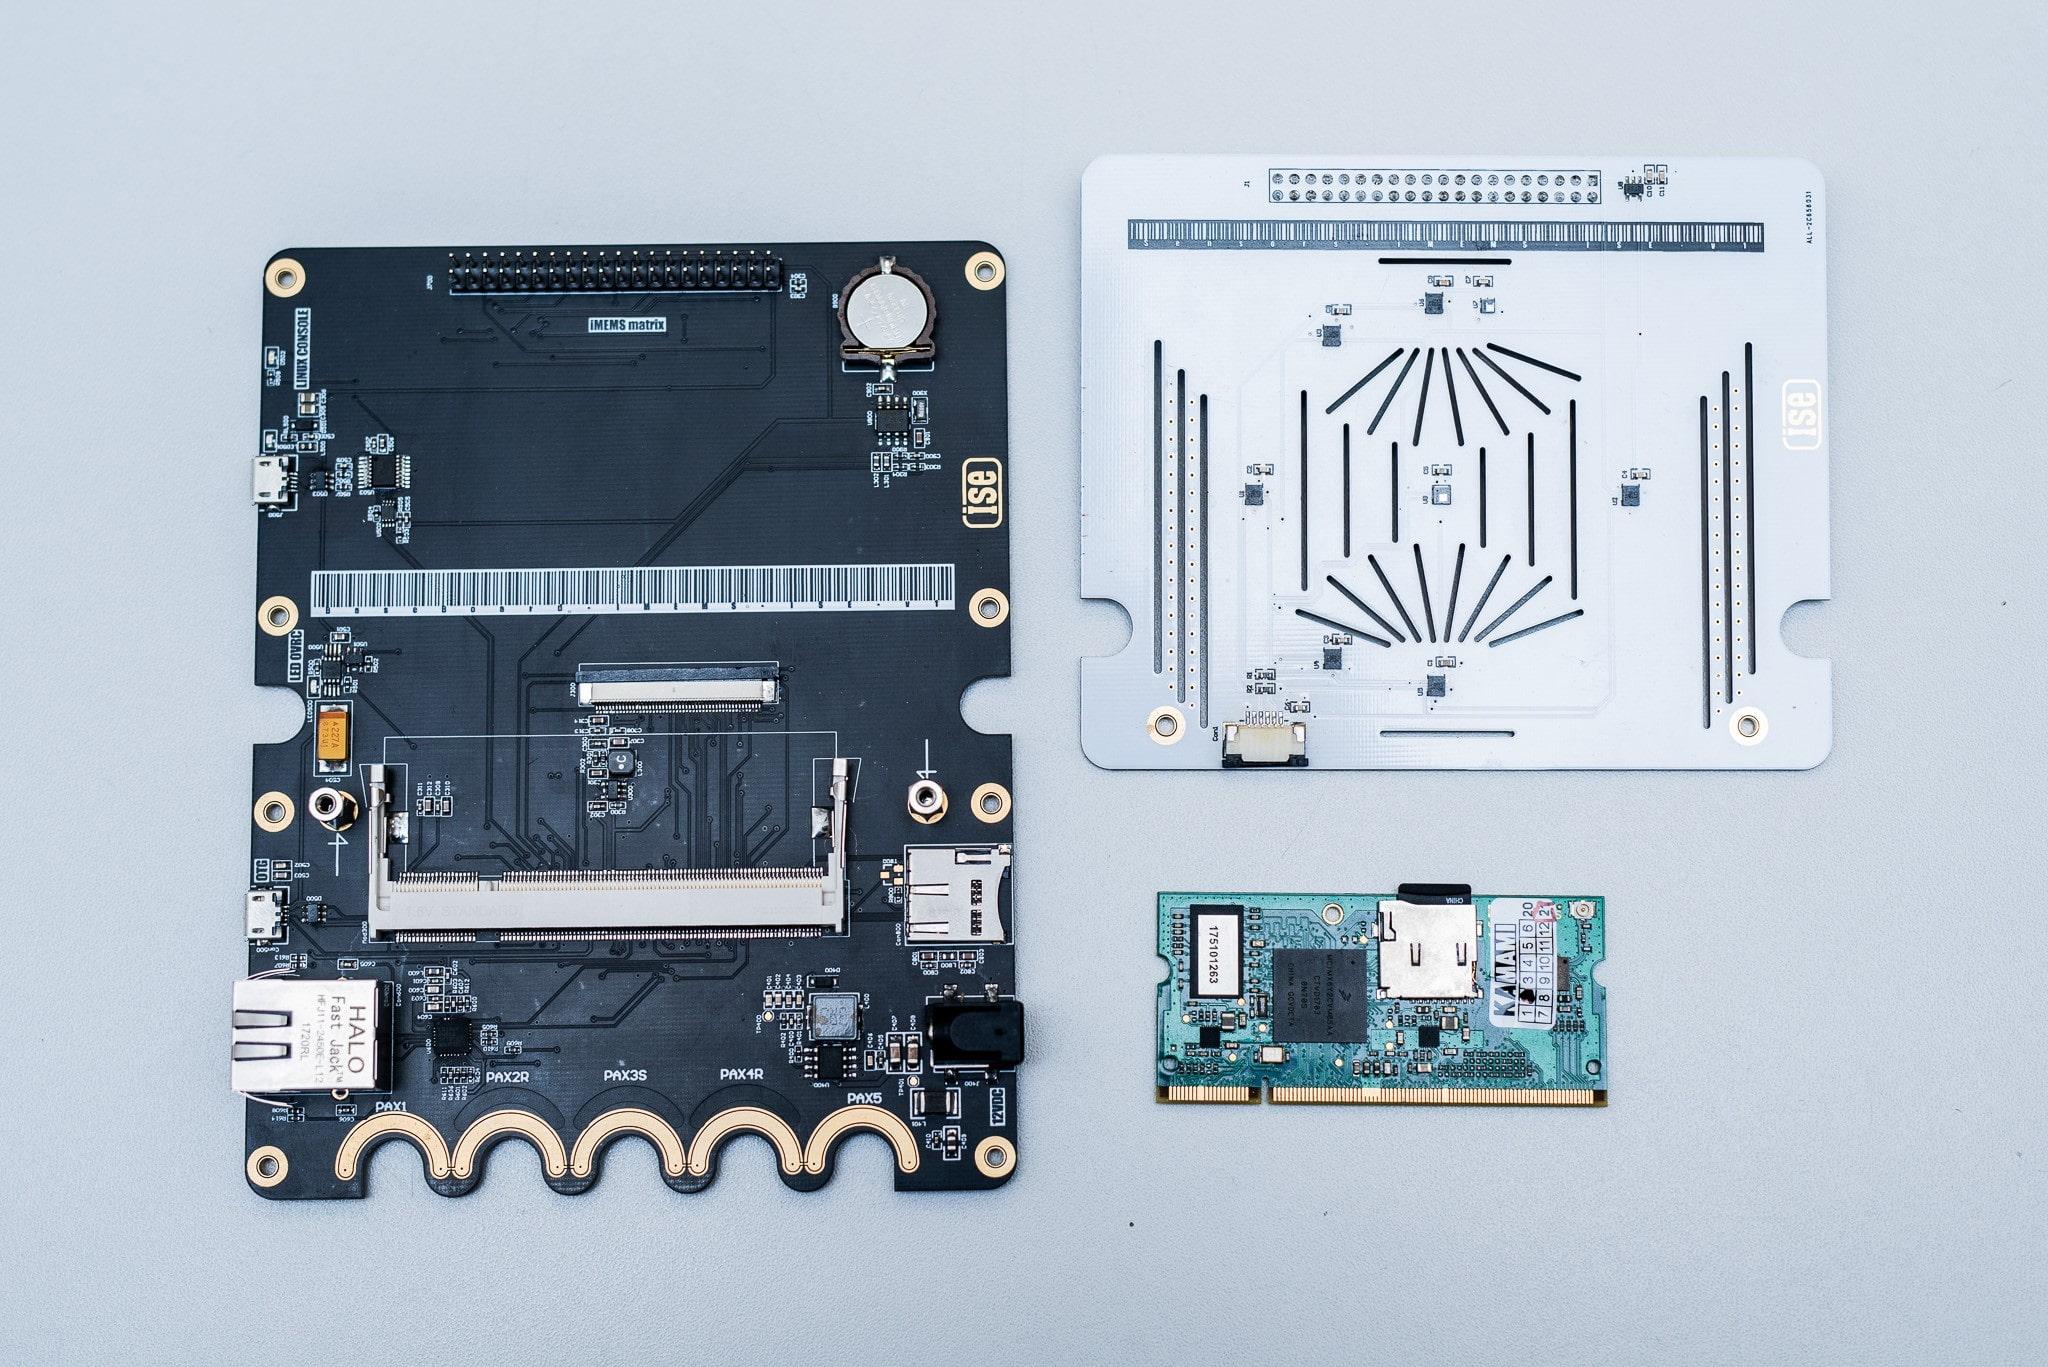 Projekt innowacyjnego analizatora gromadzącego próbki z sensorów do zastosowania w rozproszonych, statystycznych systemach predykcyjnego monitorowania stanu konstrukcji